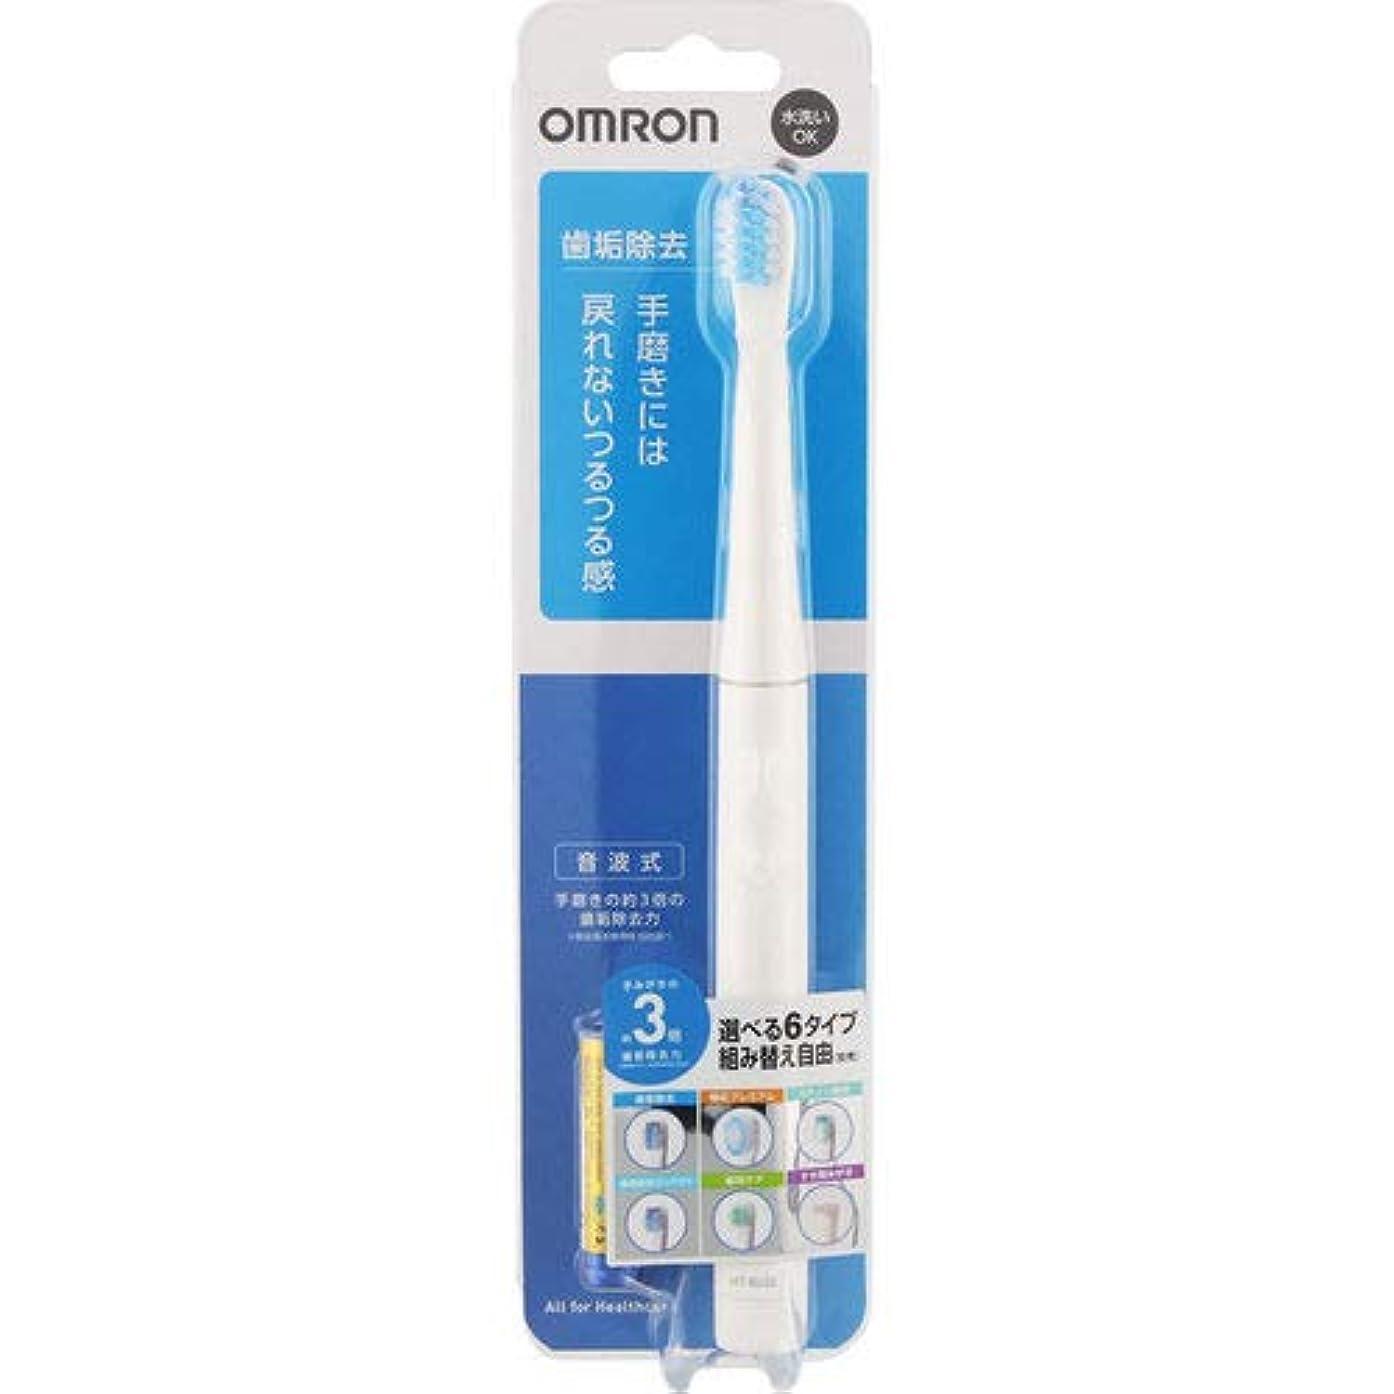 警報絶縁する改善オムロン 電動歯ブラシ HT-B220-W ホワイト 電池式